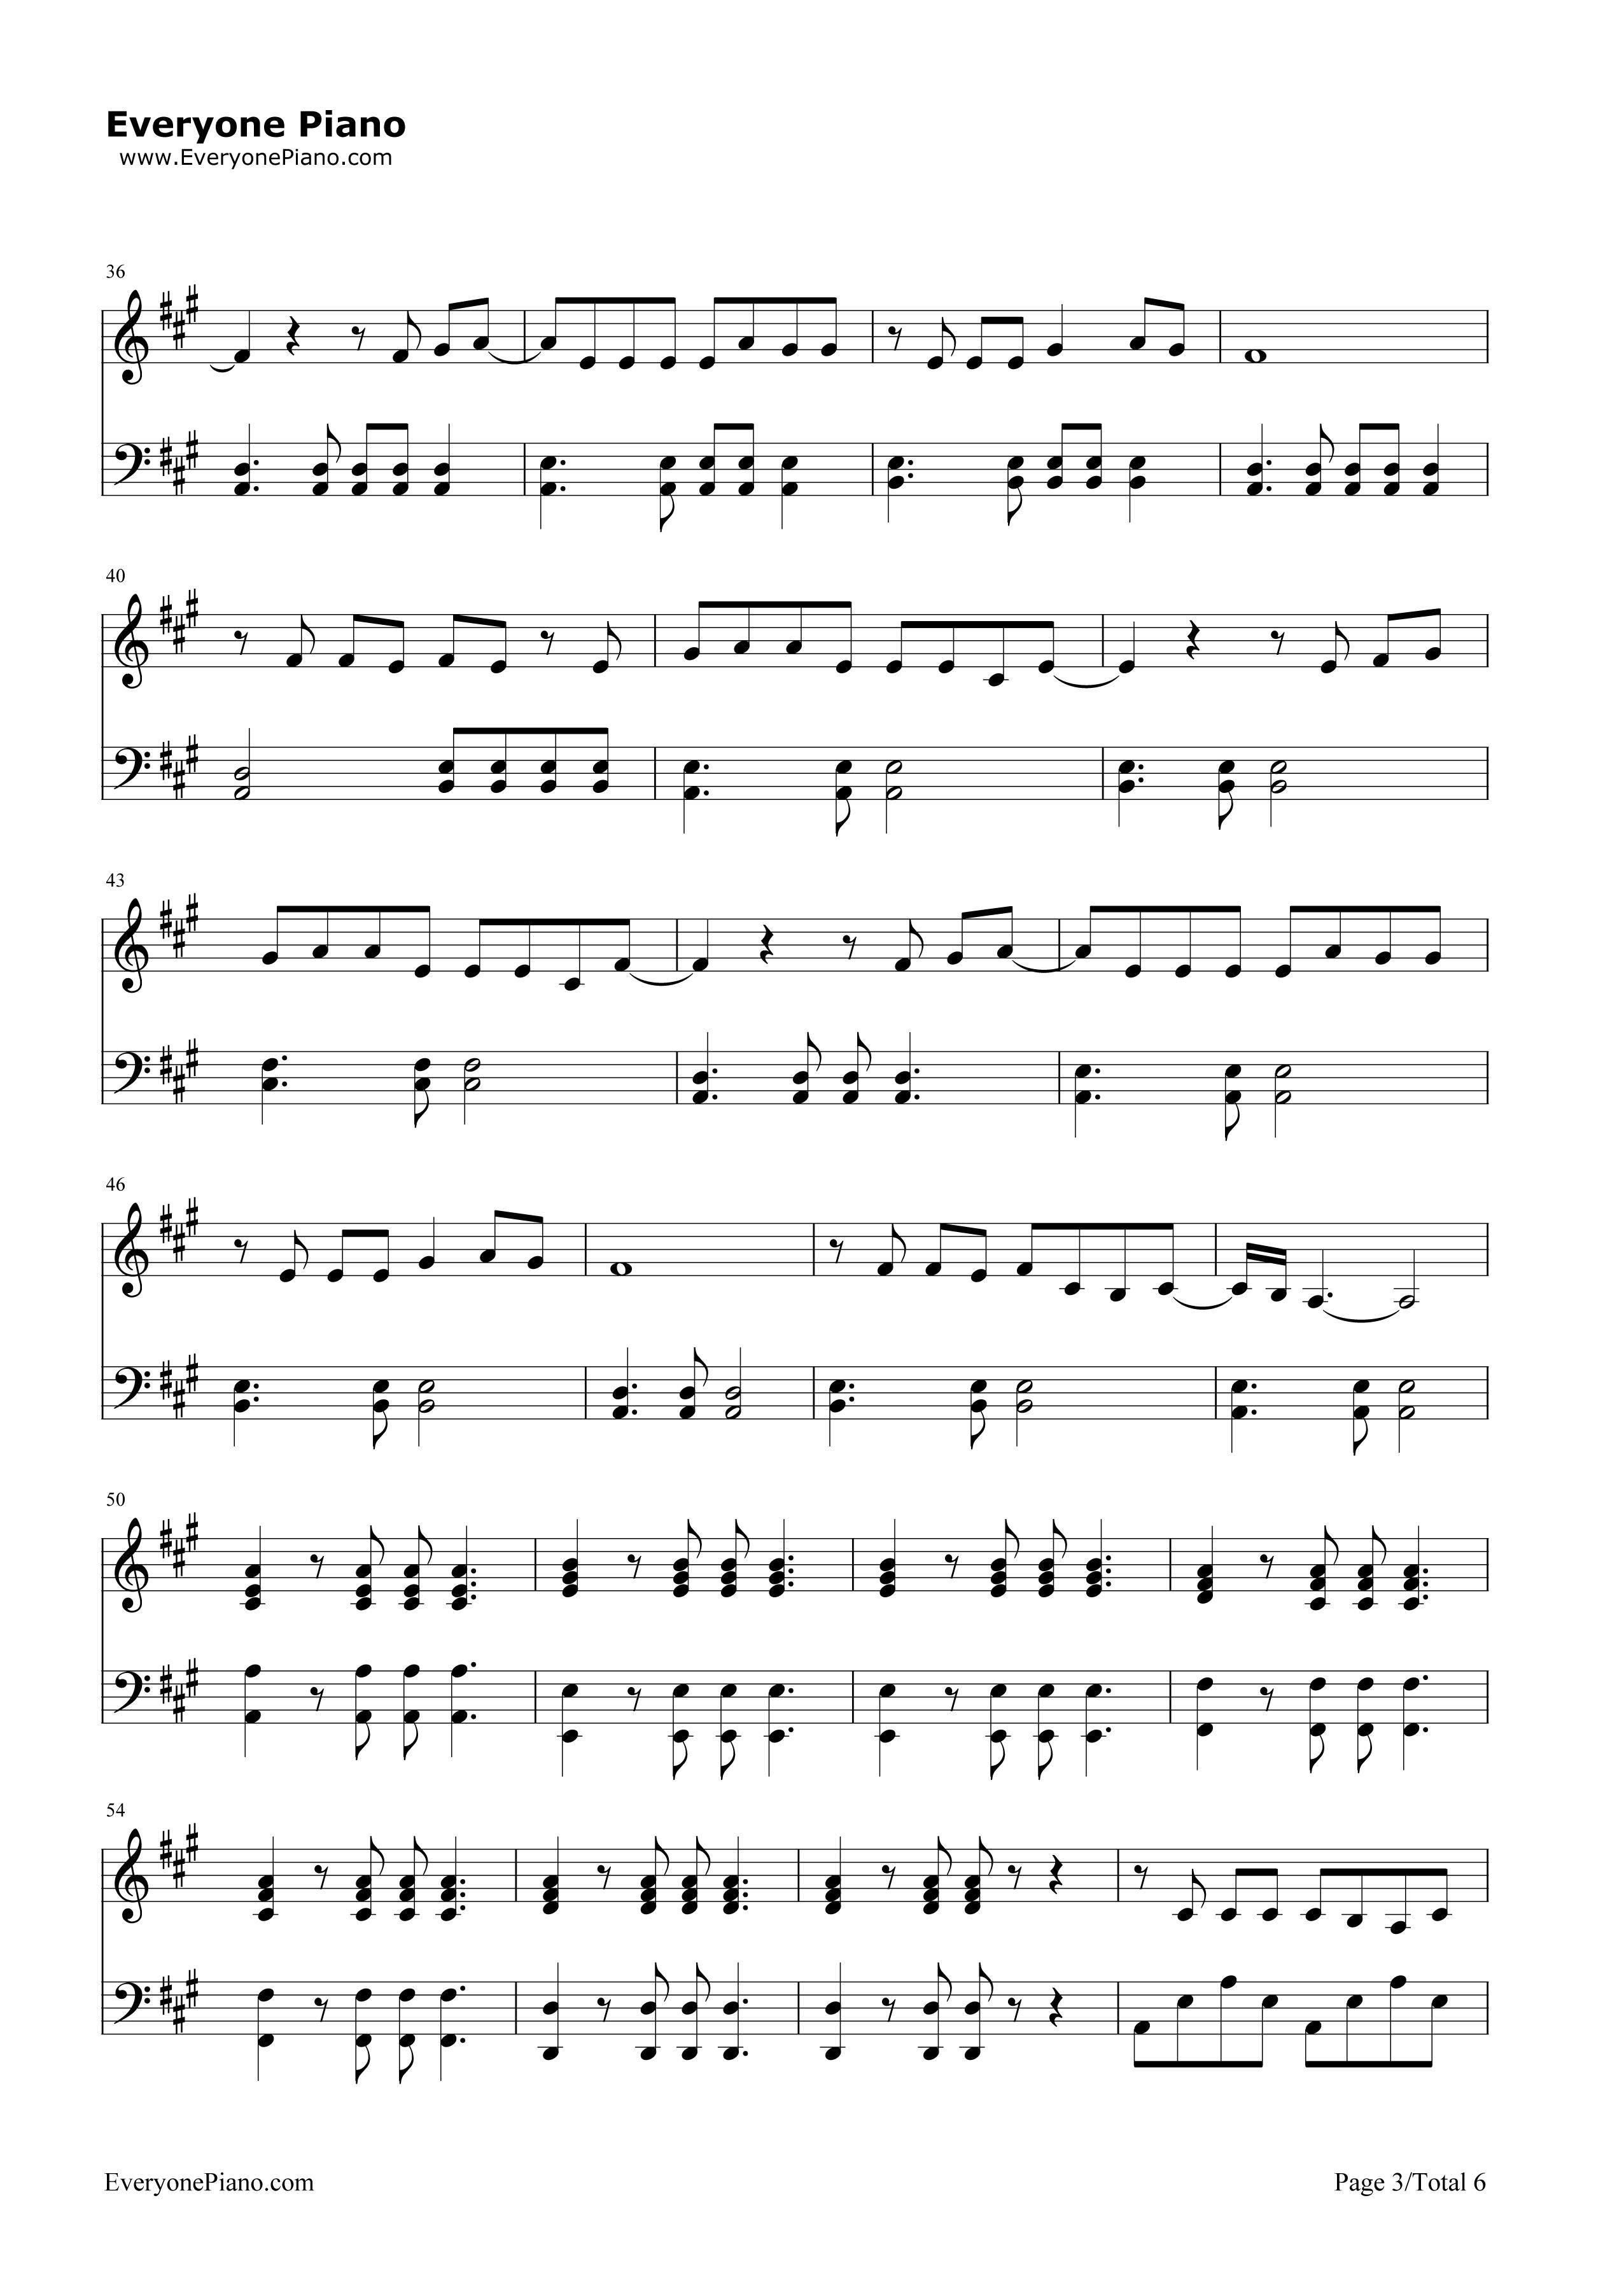 钢琴曲谱 流行 欢乐颂-欢乐颂主题曲 欢乐颂-欢乐颂主题曲五线谱预览3